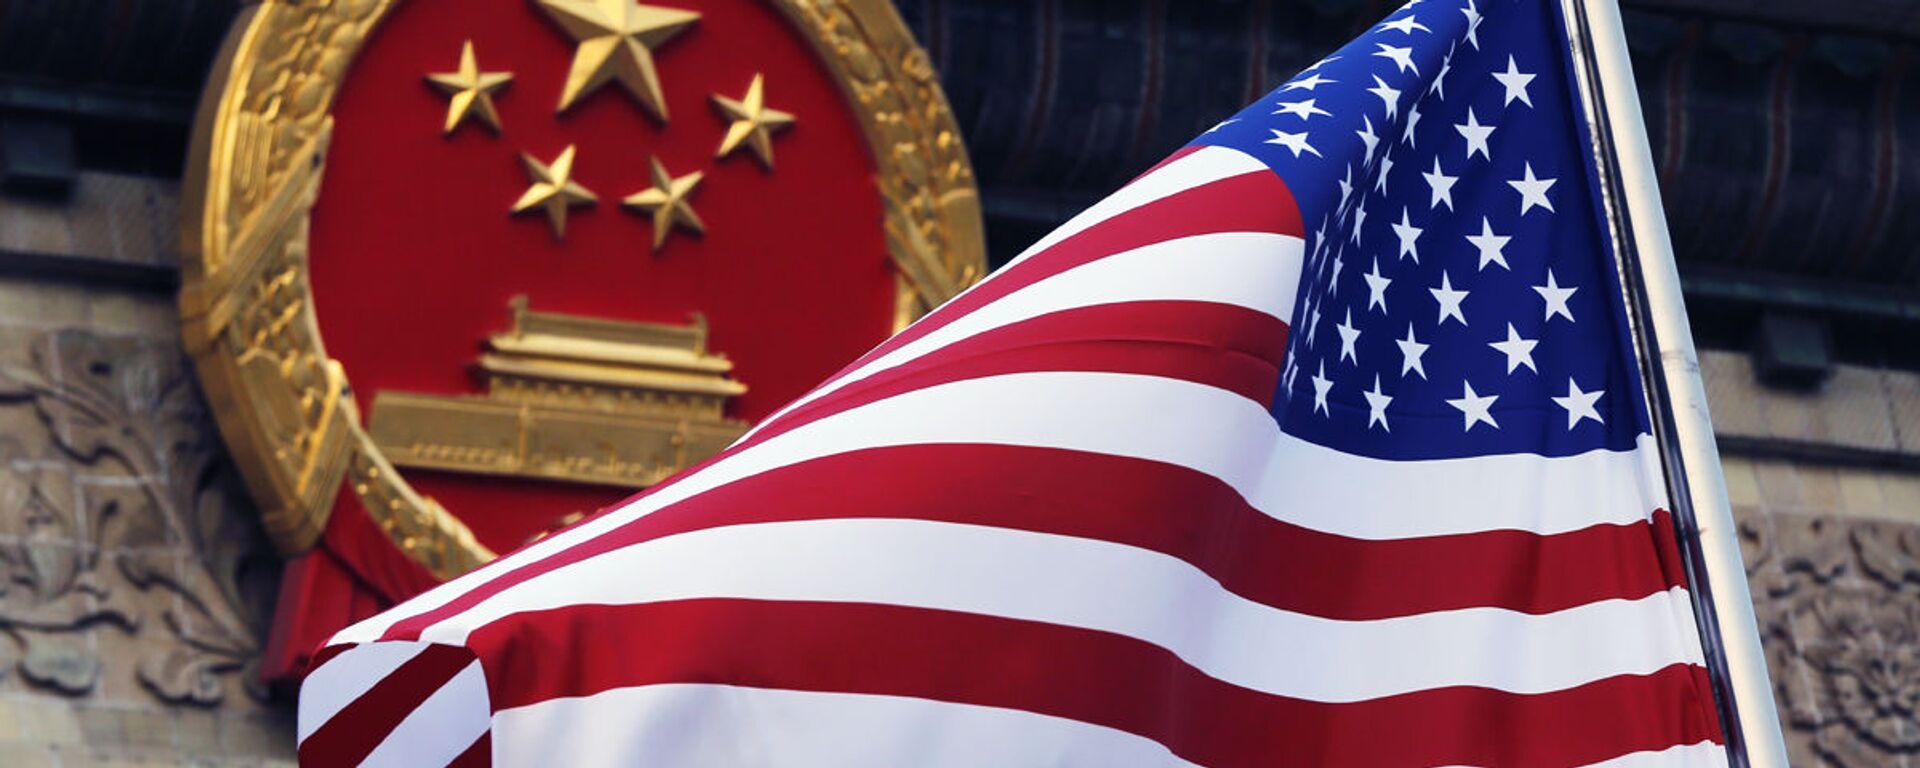 Флаг США на фоне эмблемы Китая - Sputnik Узбекистан, 1920, 24.12.2020